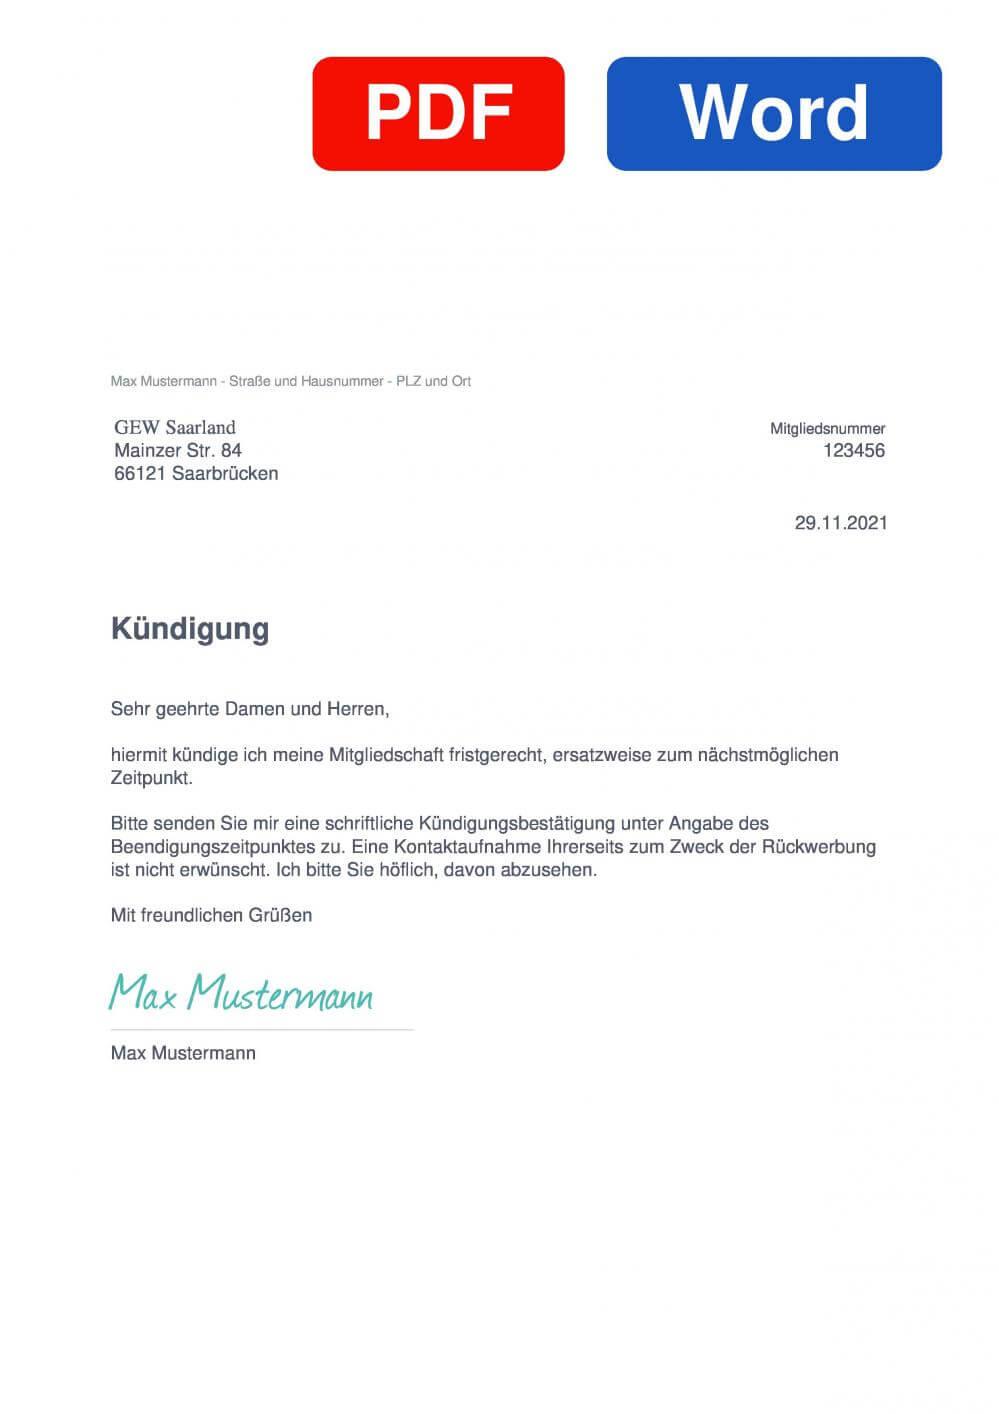 GEW Saarland Muster Vorlage für Kündigungsschreiben